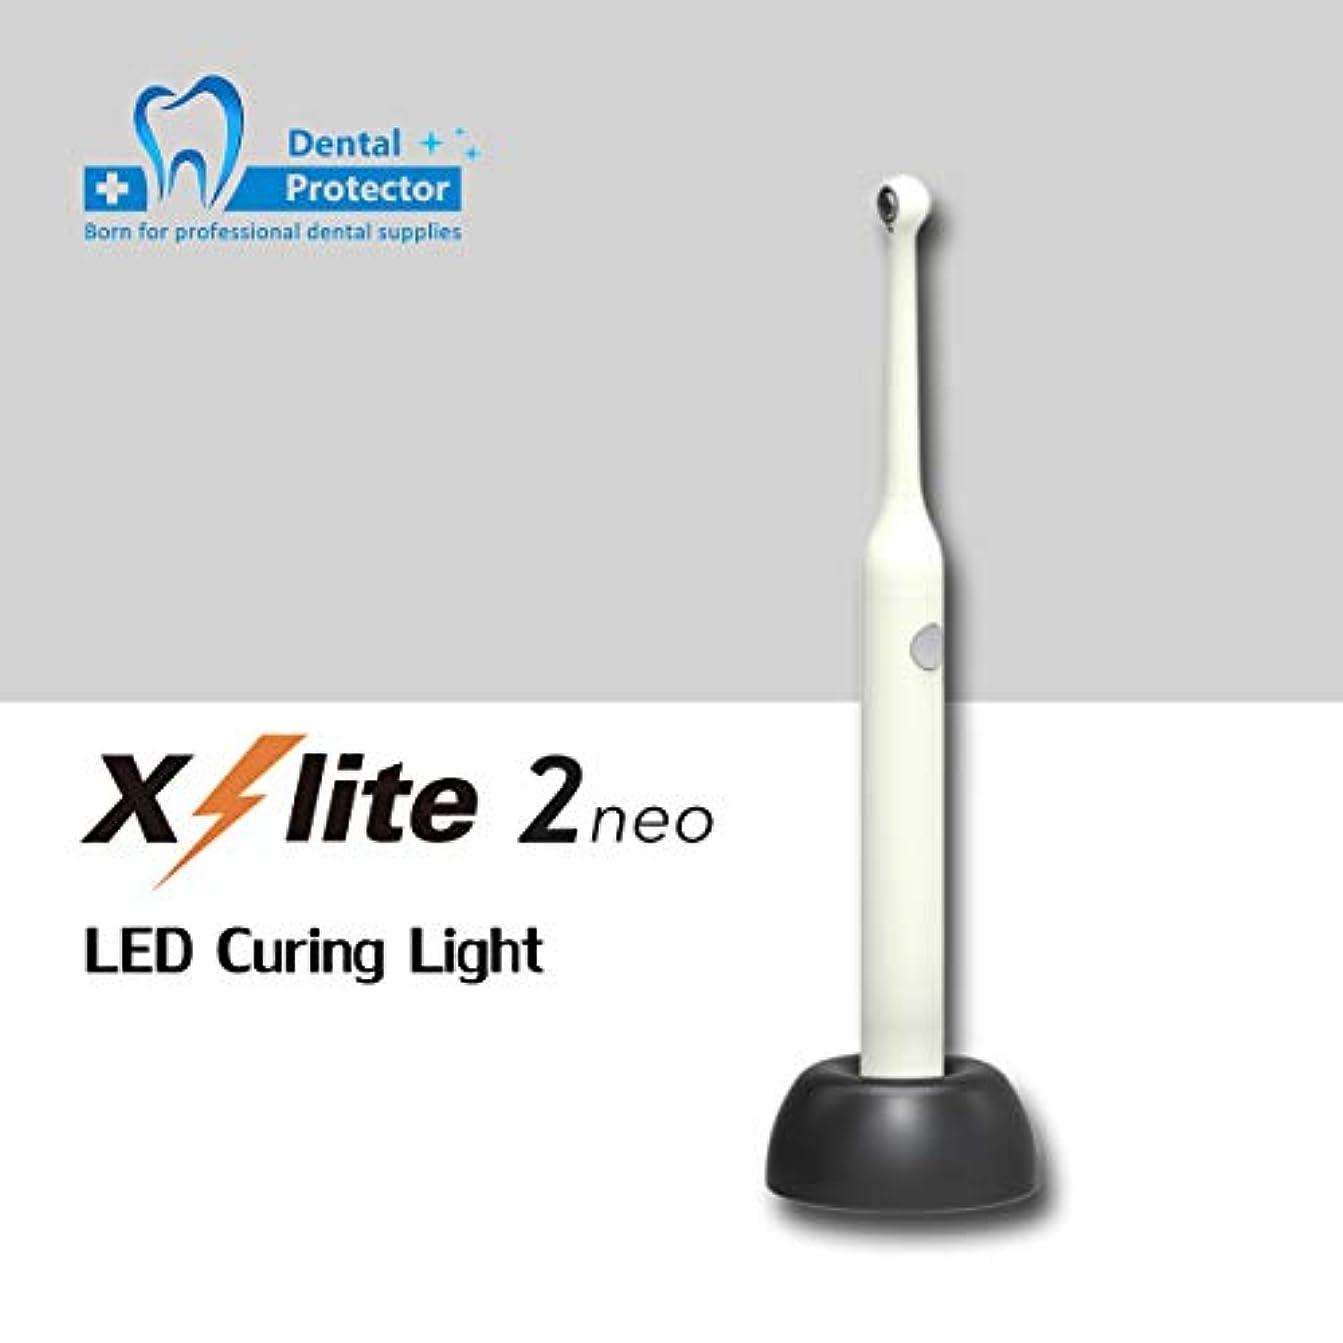 いらいらさせるドライブ子音歯科のための3H X-lite 2のneo歯科LEDライト治療ランプ機械無線電信2300mw白